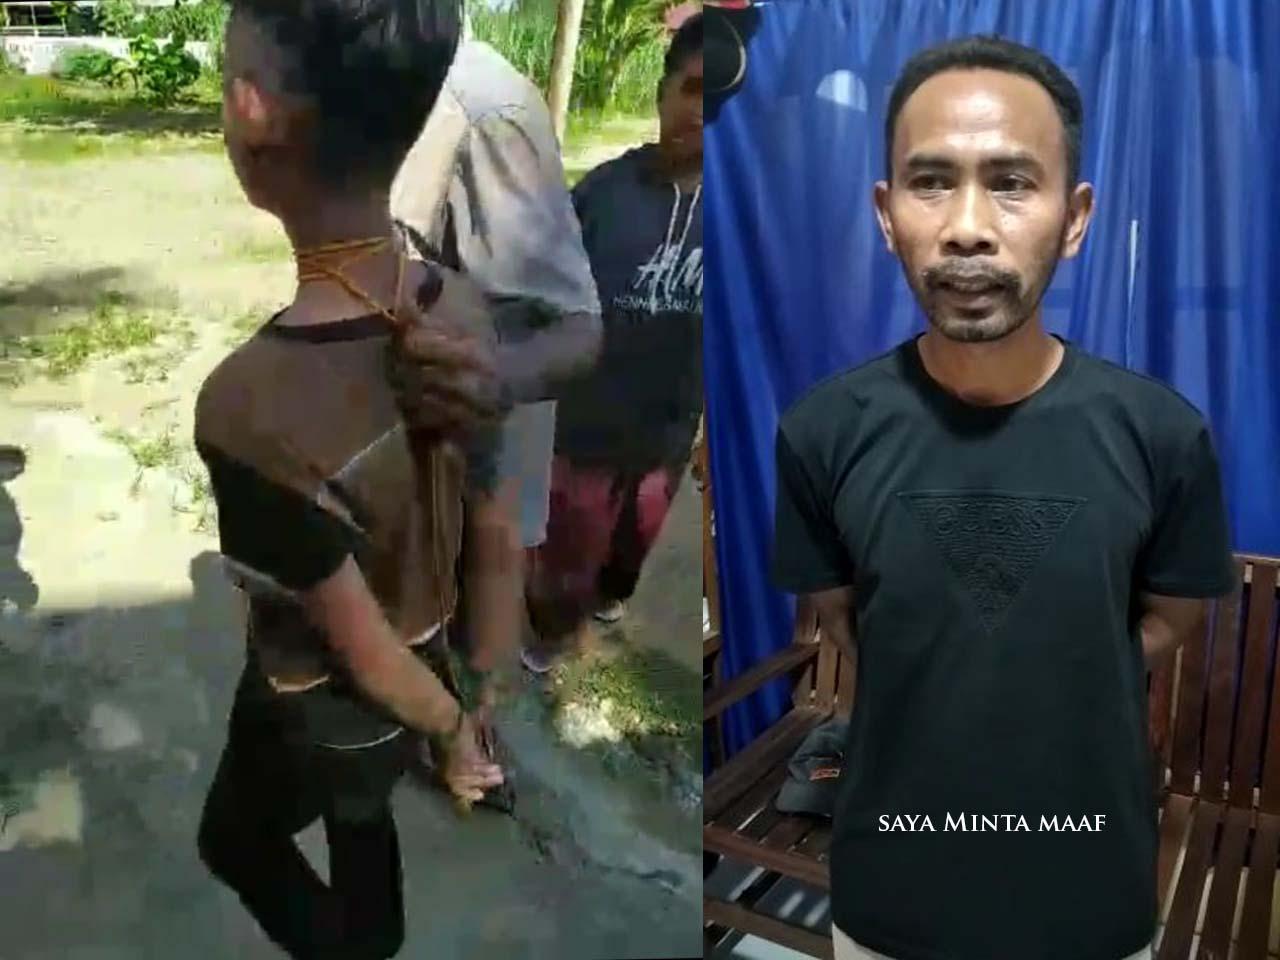 Pria Yang Ikatkan Tali ke Leher Anak Klarifikasi dan Minta Maaf